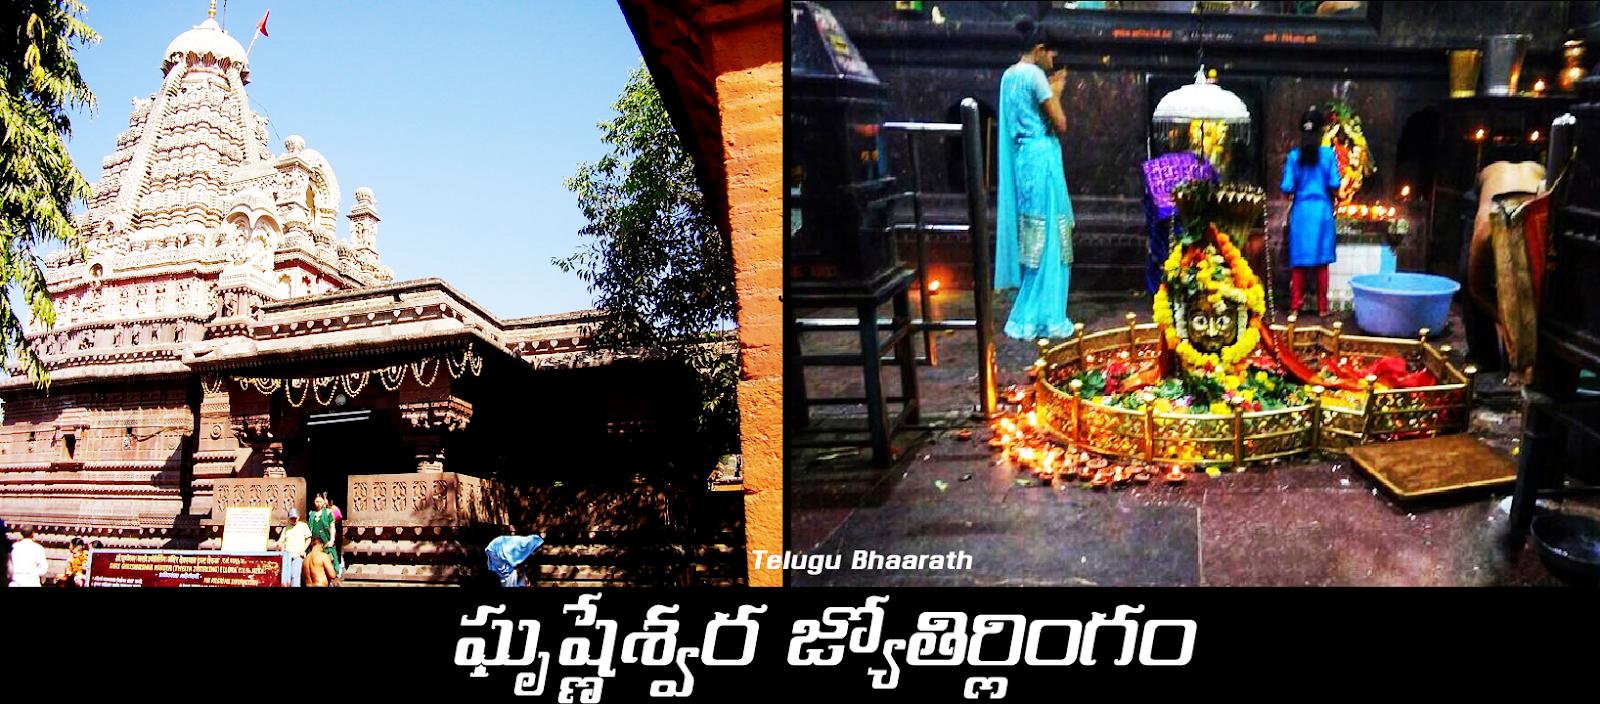 ఘృష్ణేశ్వర జ్యోతిర్లింగం - Grishneshwar Jyotirlinga